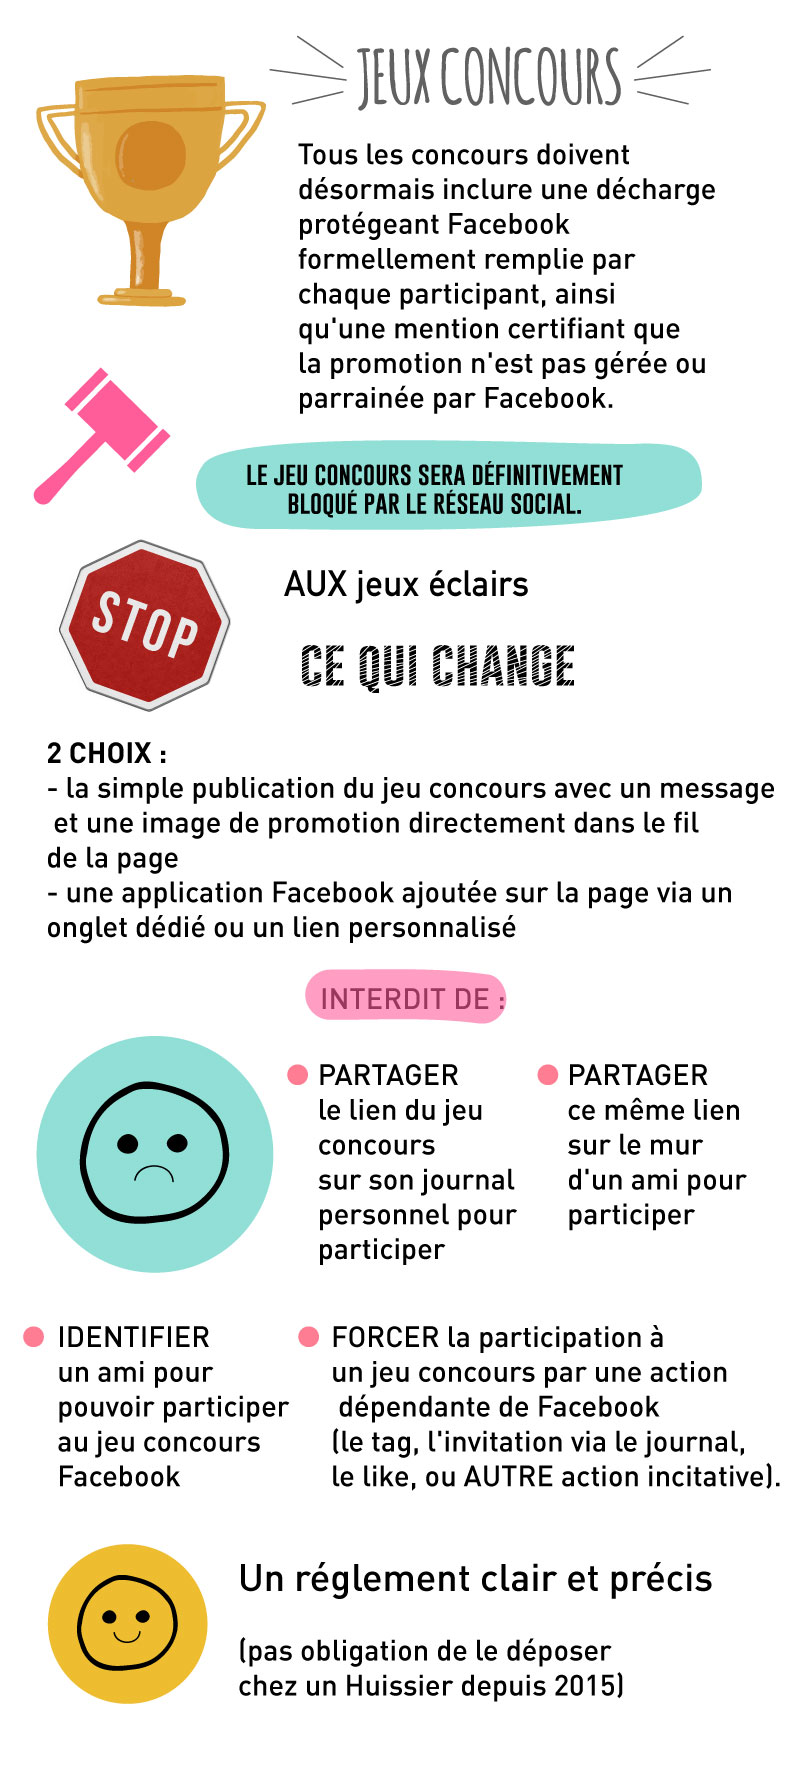 Les nouvelles règles facebook pour 2018 en infographie !